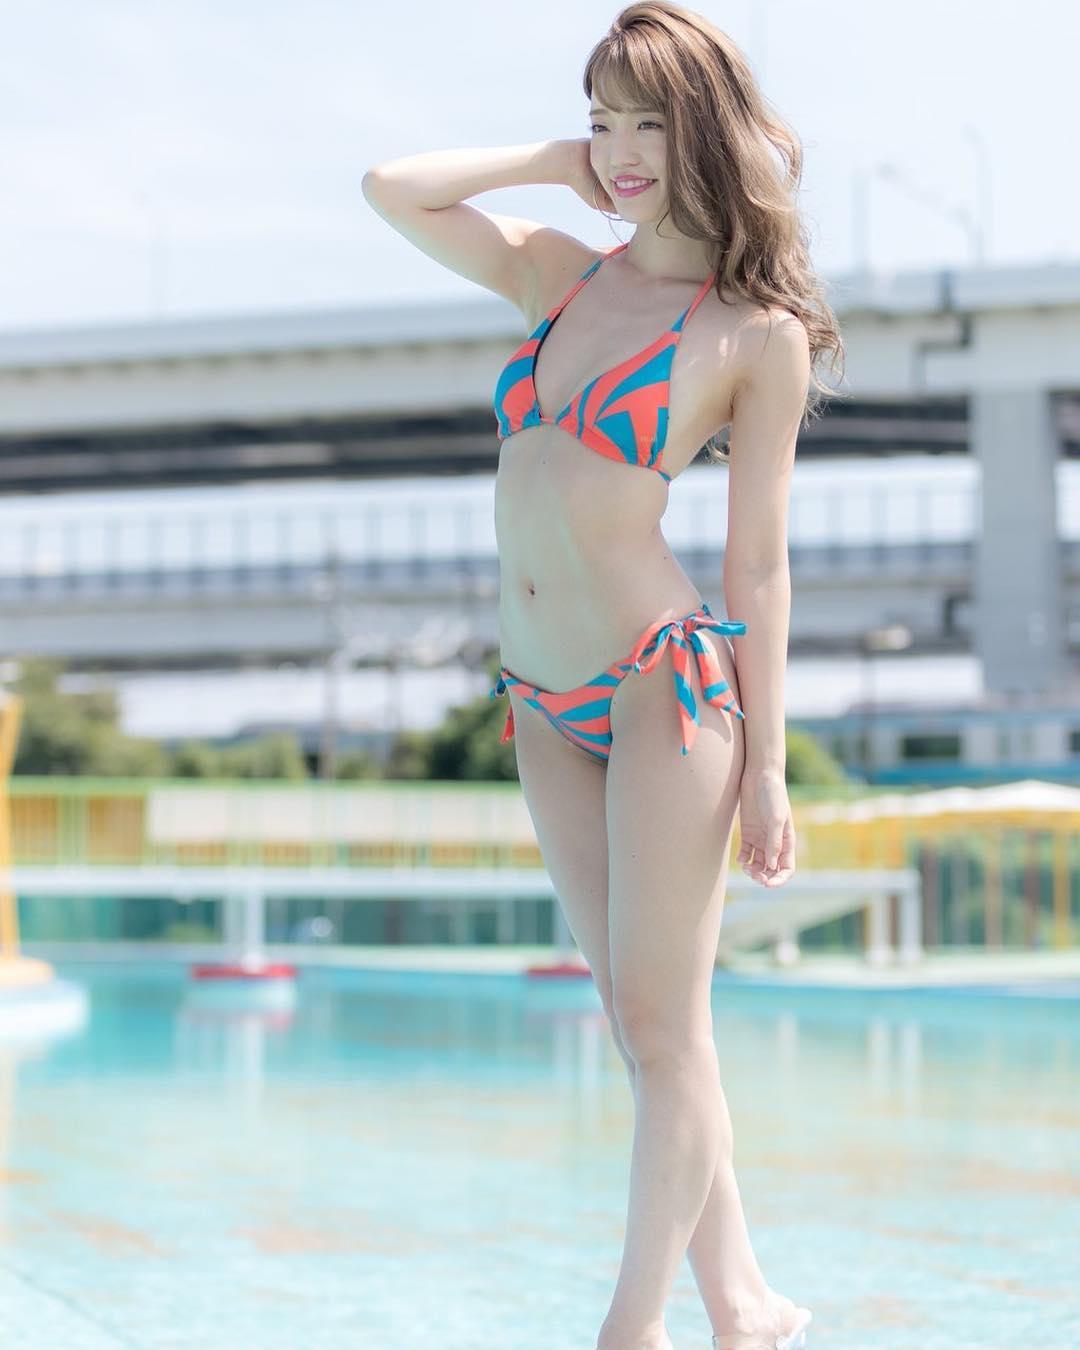 image http://scanlover.com/assets/images/8066-mBV9RKlkVXpegFDi.jpeg